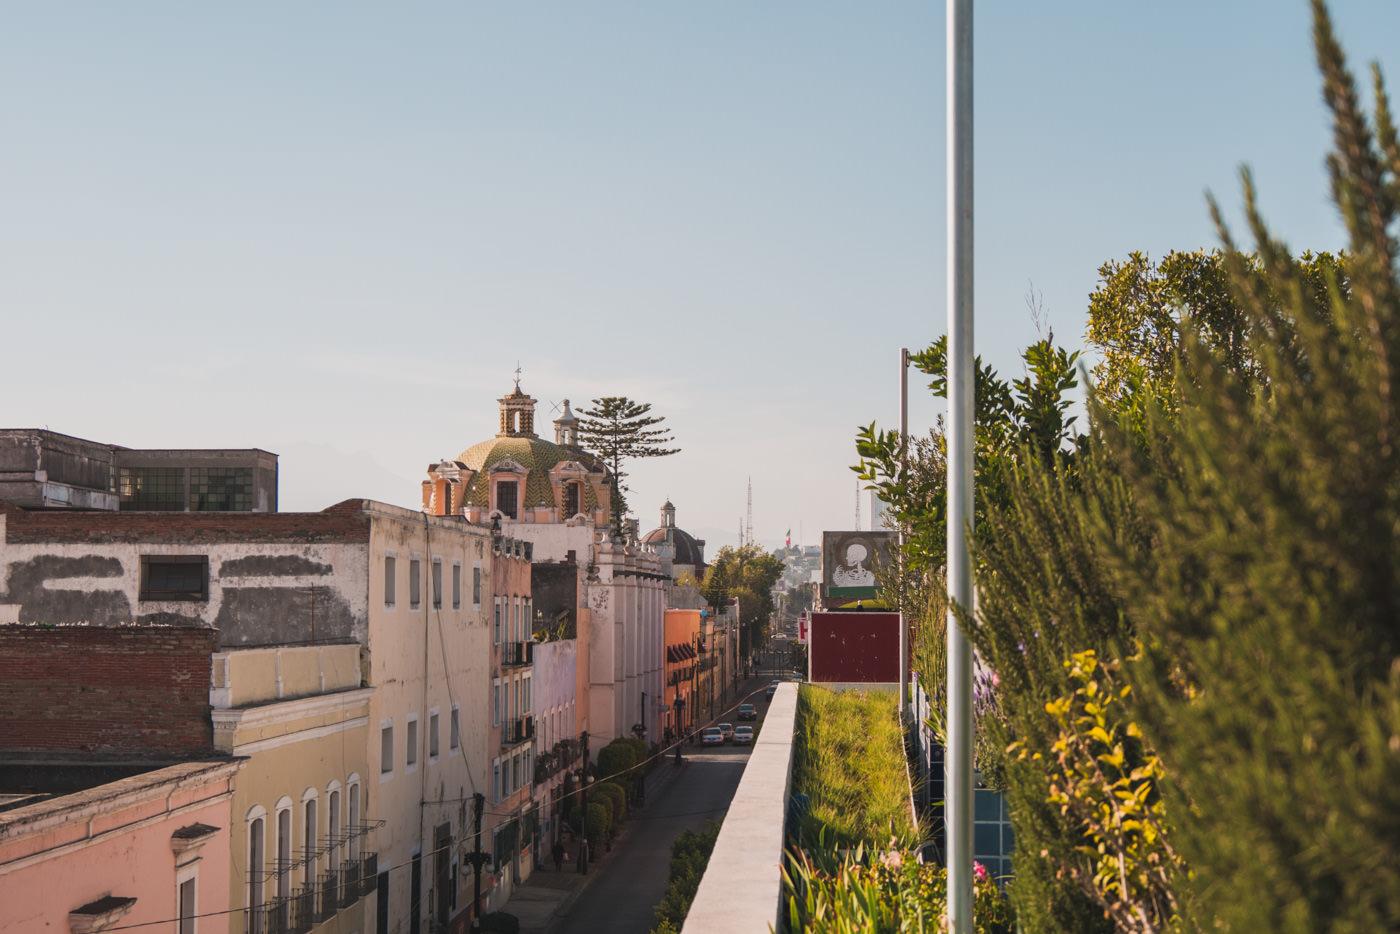 Gasse von Puebla in Mexiko